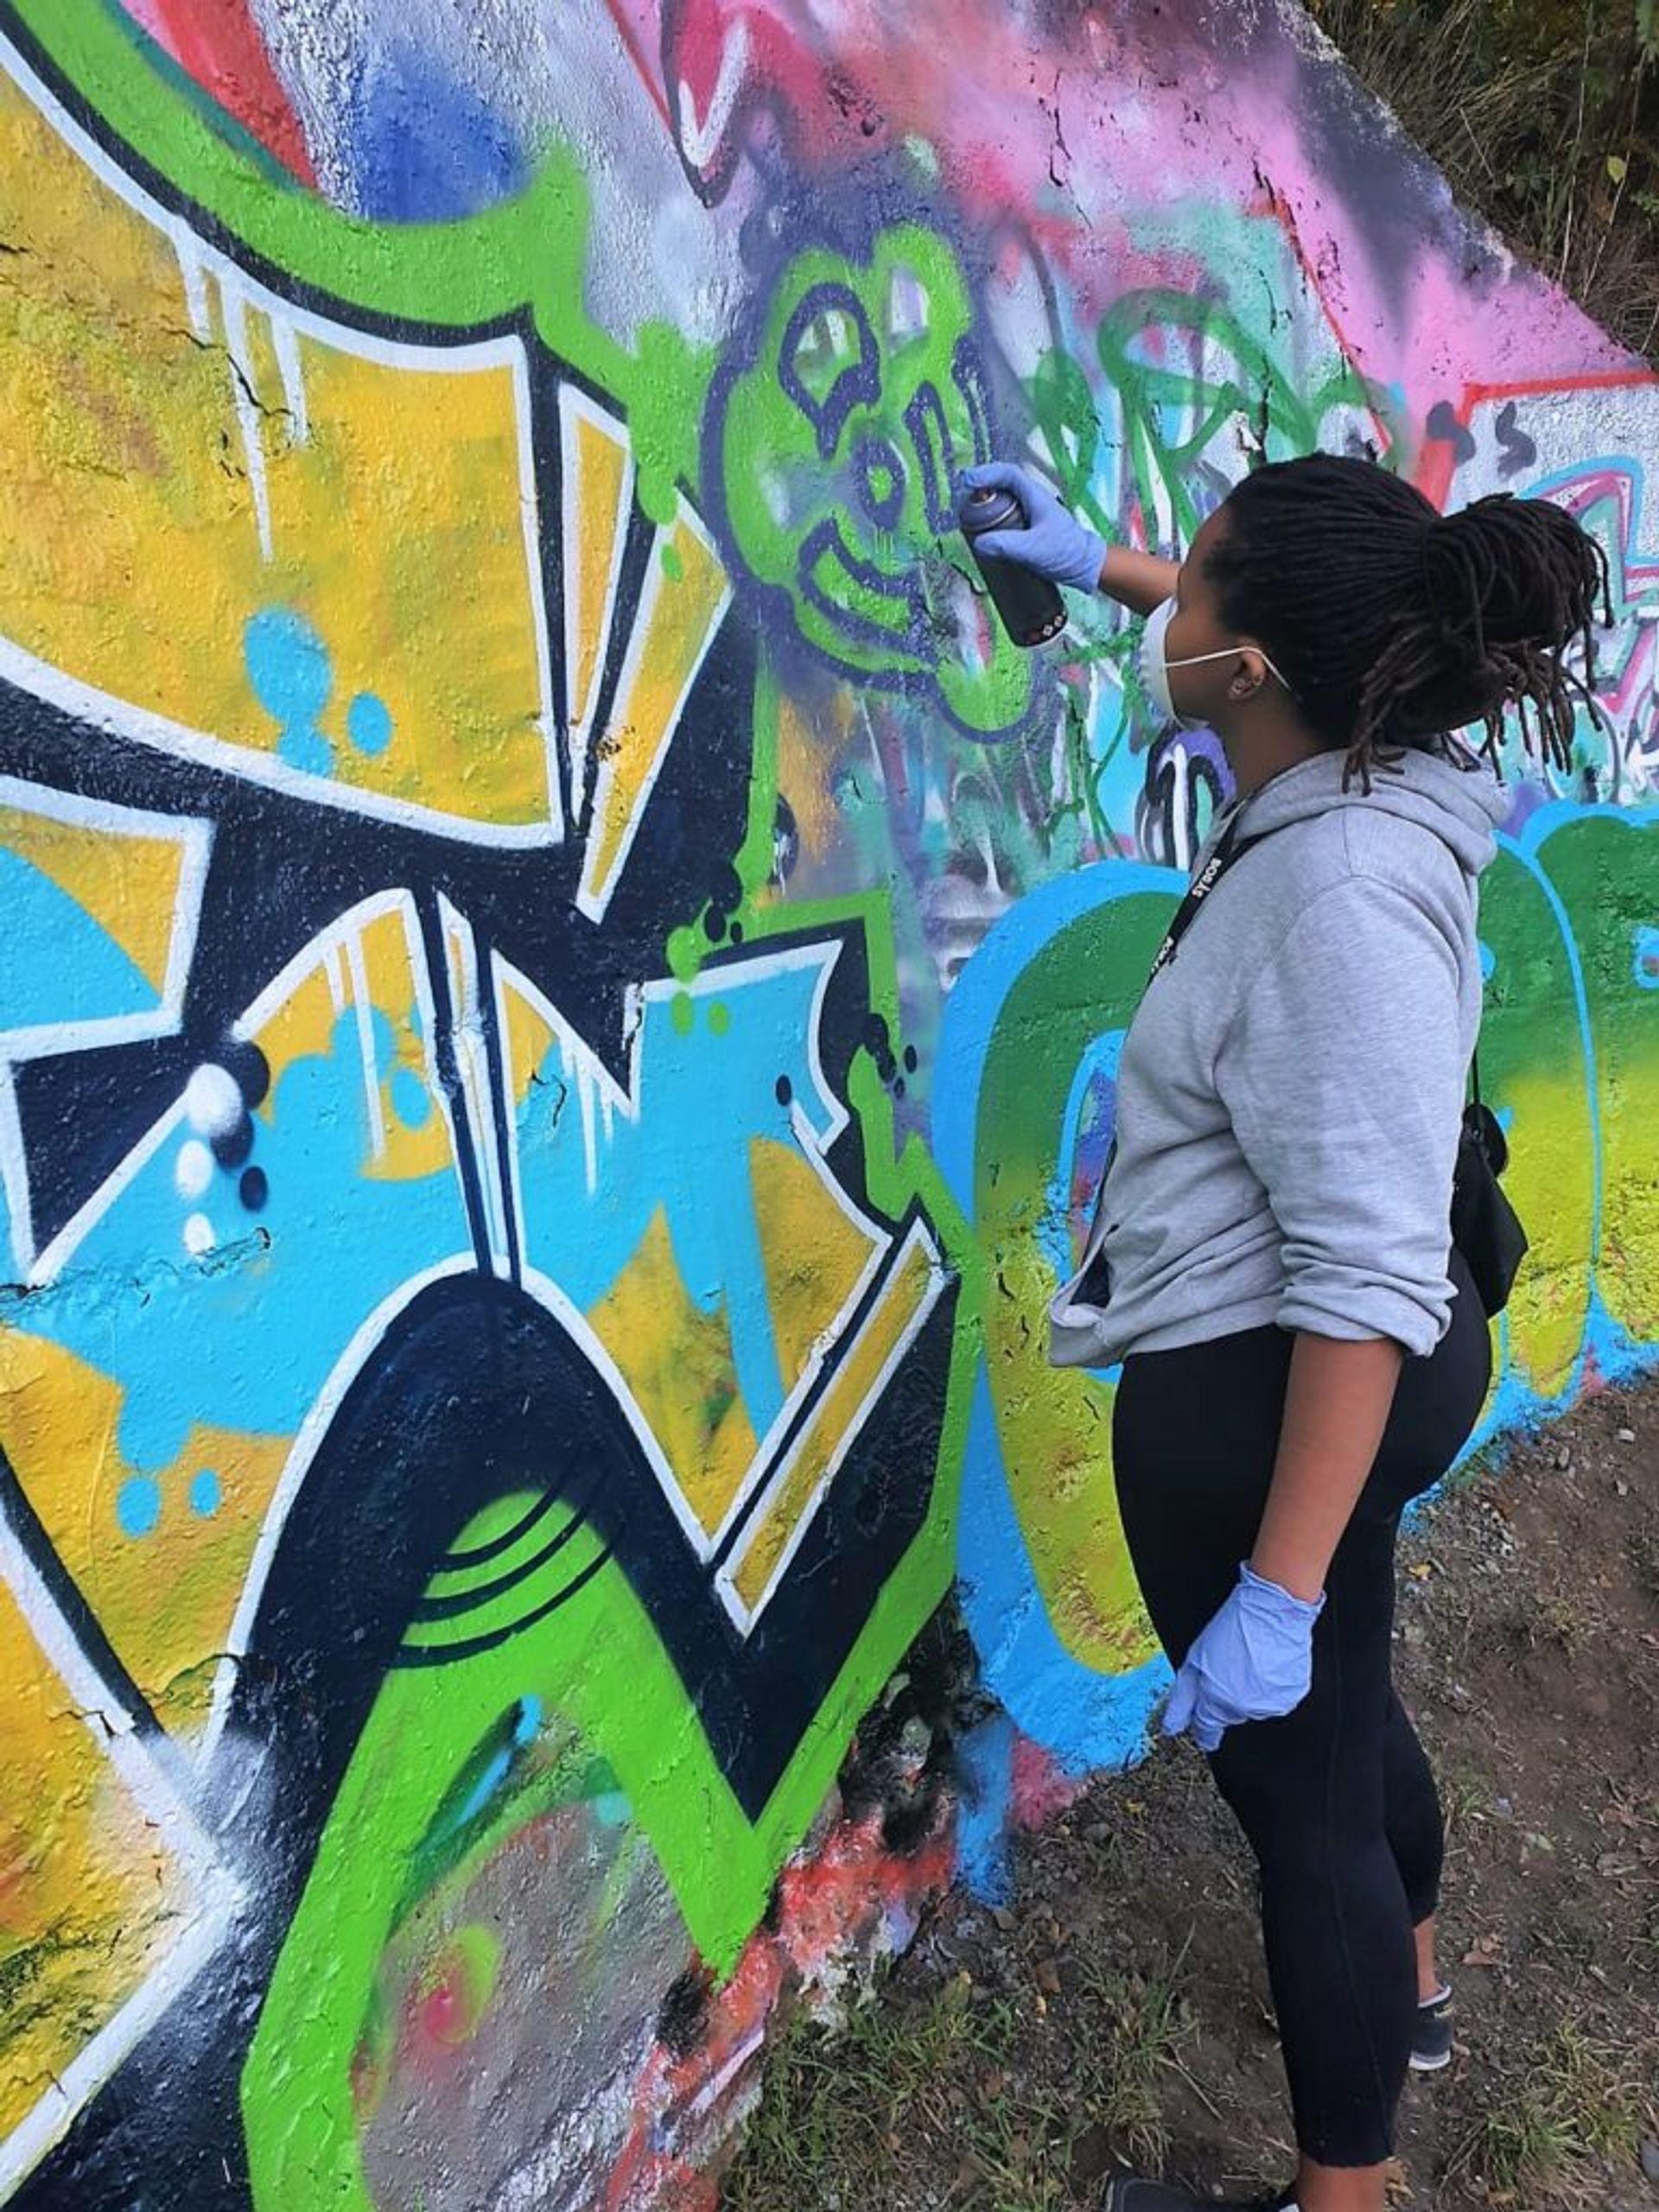 Lusanda spray painting on graffiti wall.